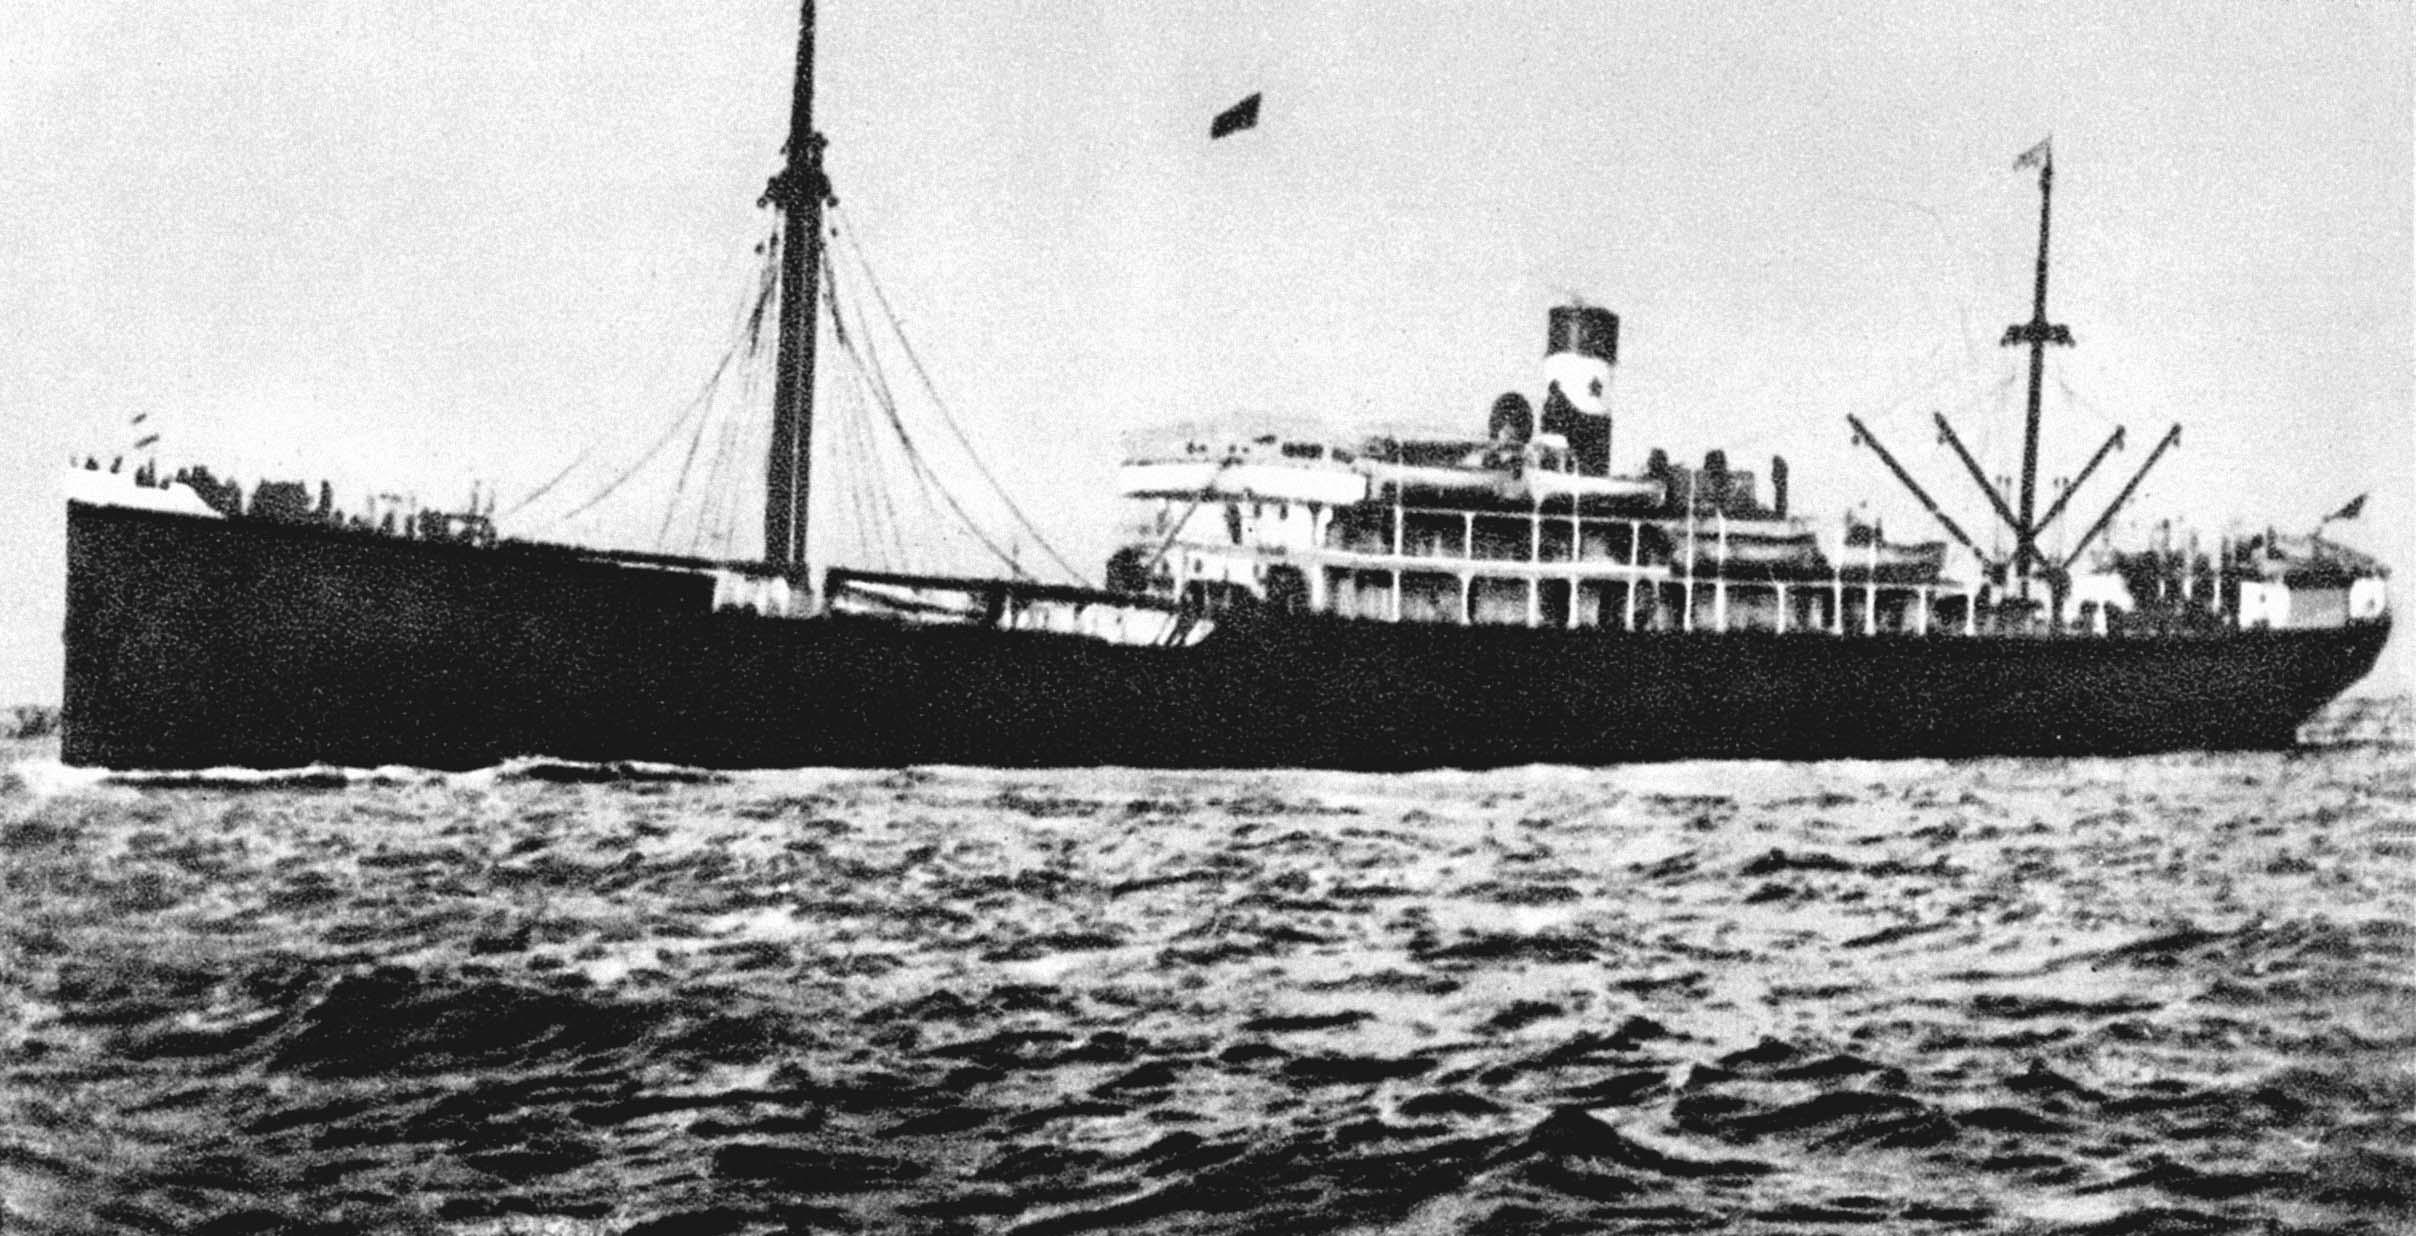 Tàu Đô đốc Latútsơ Tơrêvin (L'Admiral Latouche Trévill), nơi Nguyễn Tất Thành làm phụ bếp khi rời Tổ quốc đi tìm đường cứu nước (6/1911)